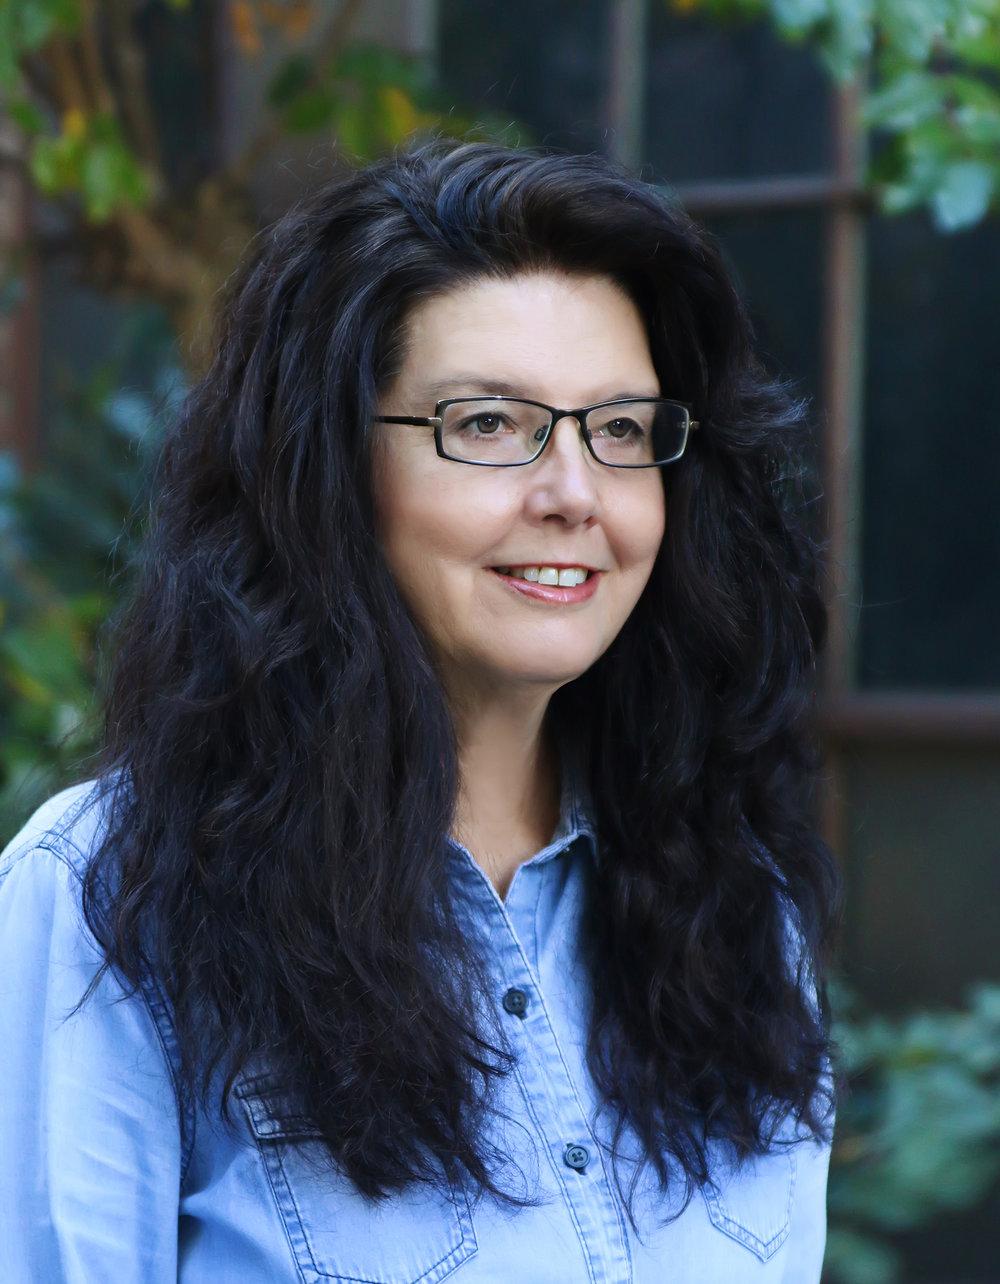 Kim Leggett